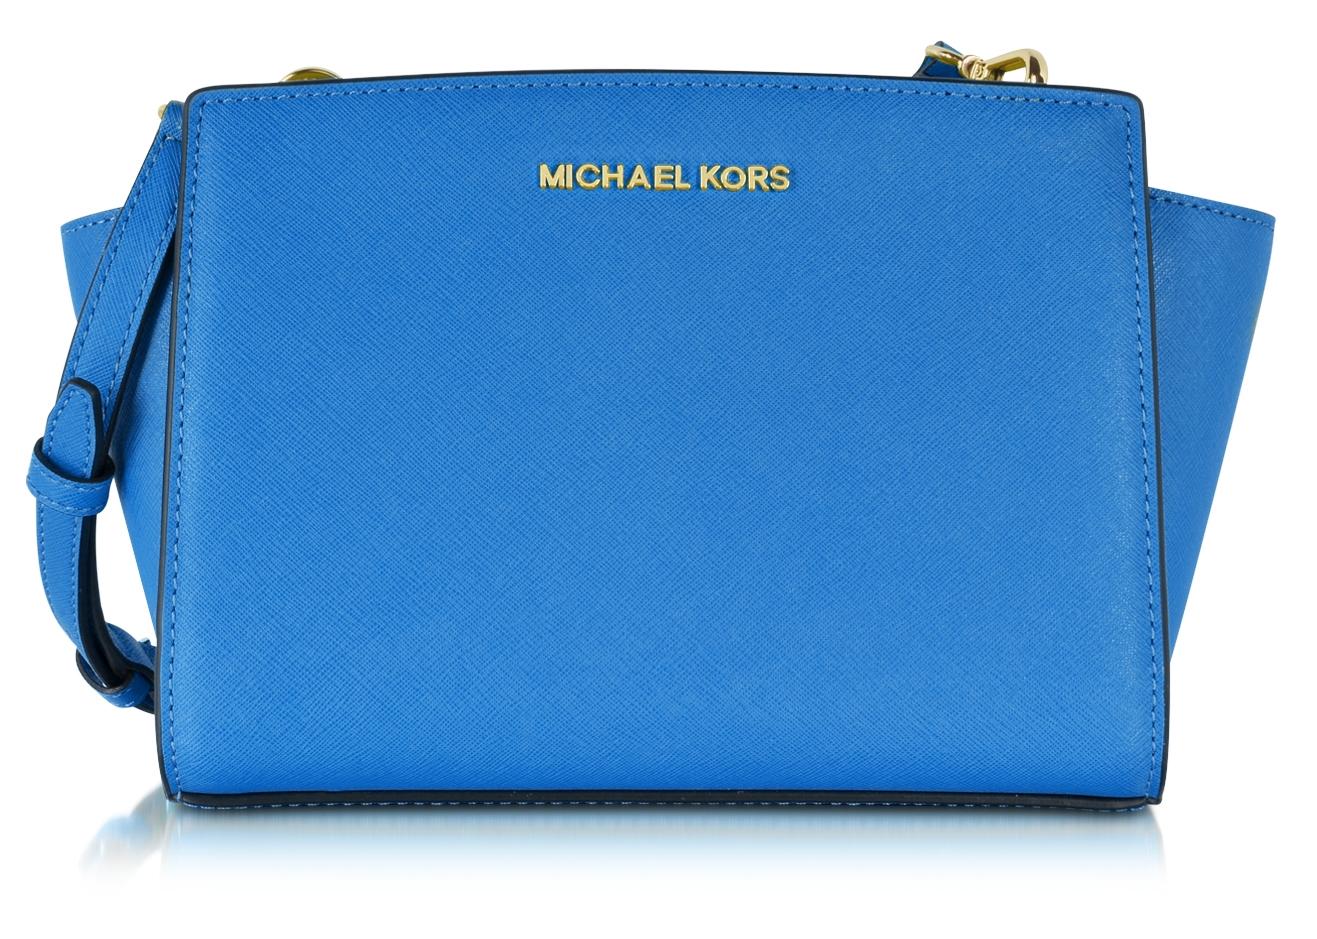 Michael Kors heritage blue Selma Medium Saffiano Leather Messenger Bag